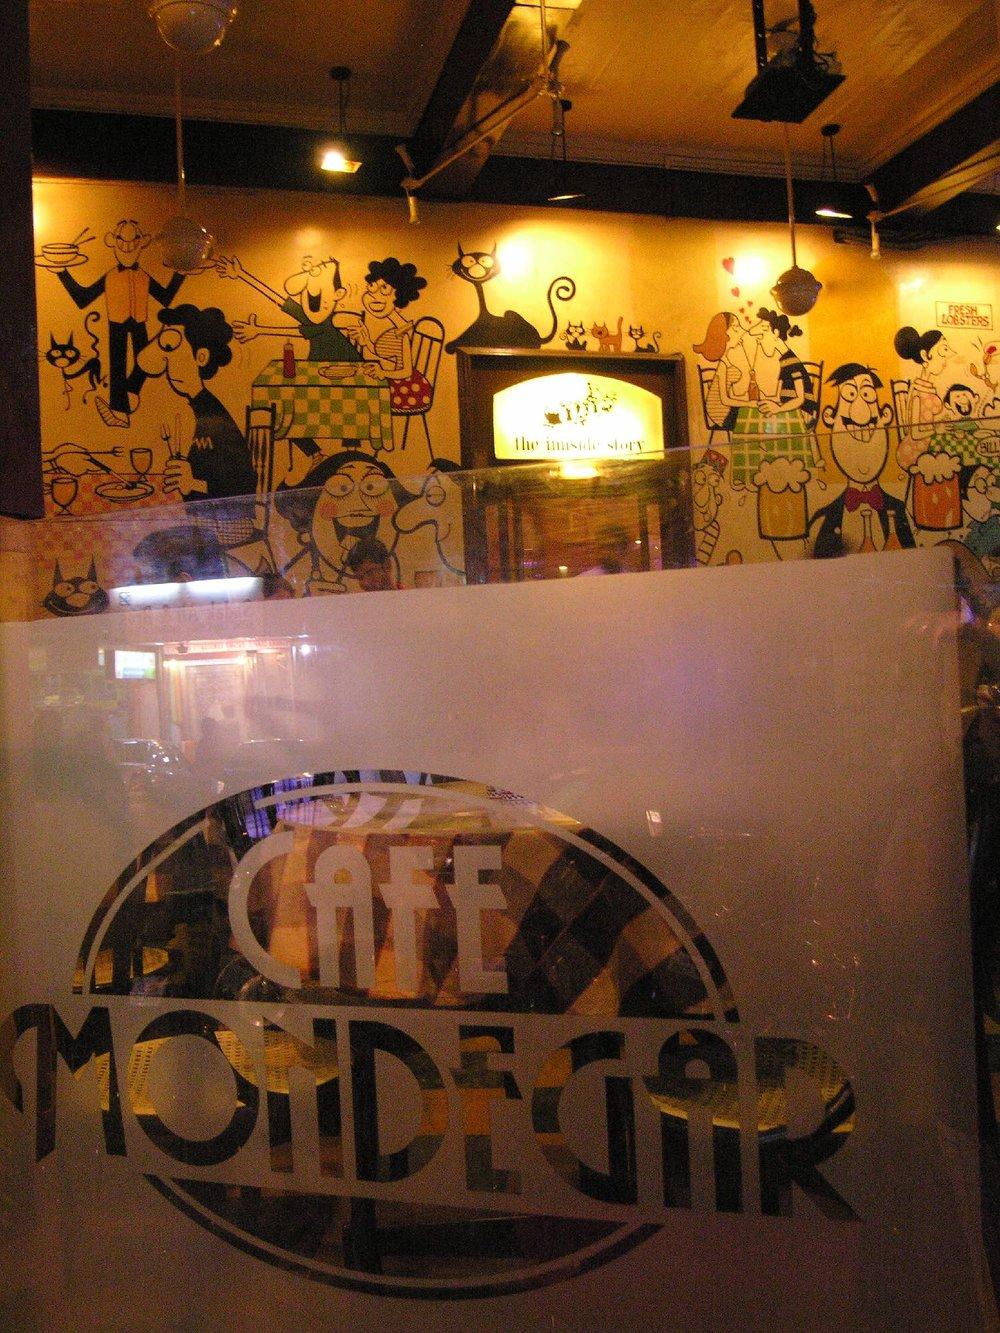 Mondegar Café.jpg